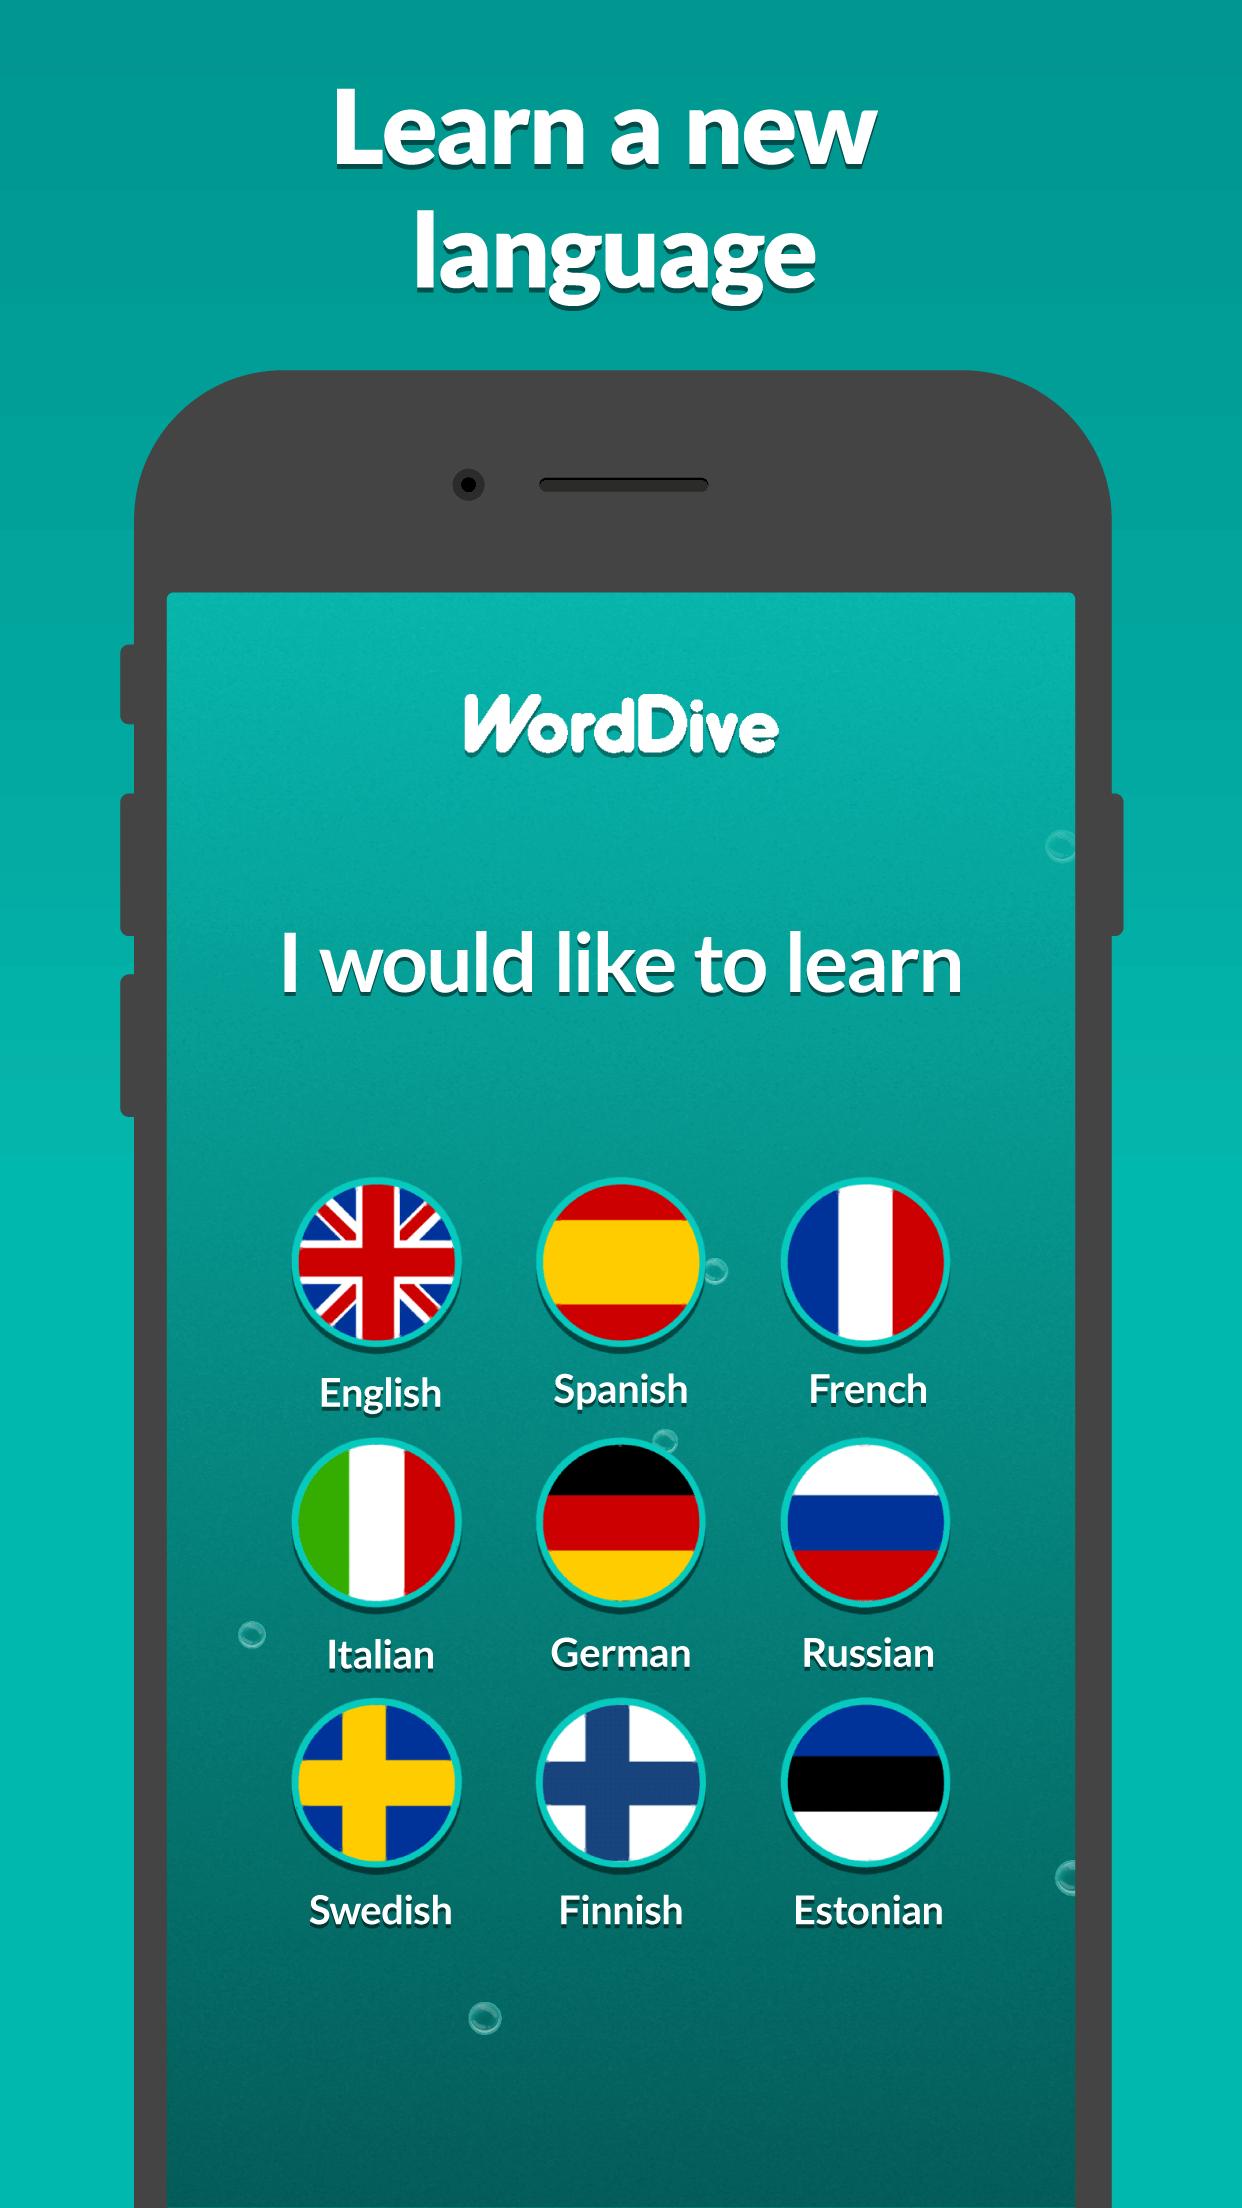 Скачать app store на компьютер бесплатно на русском языке